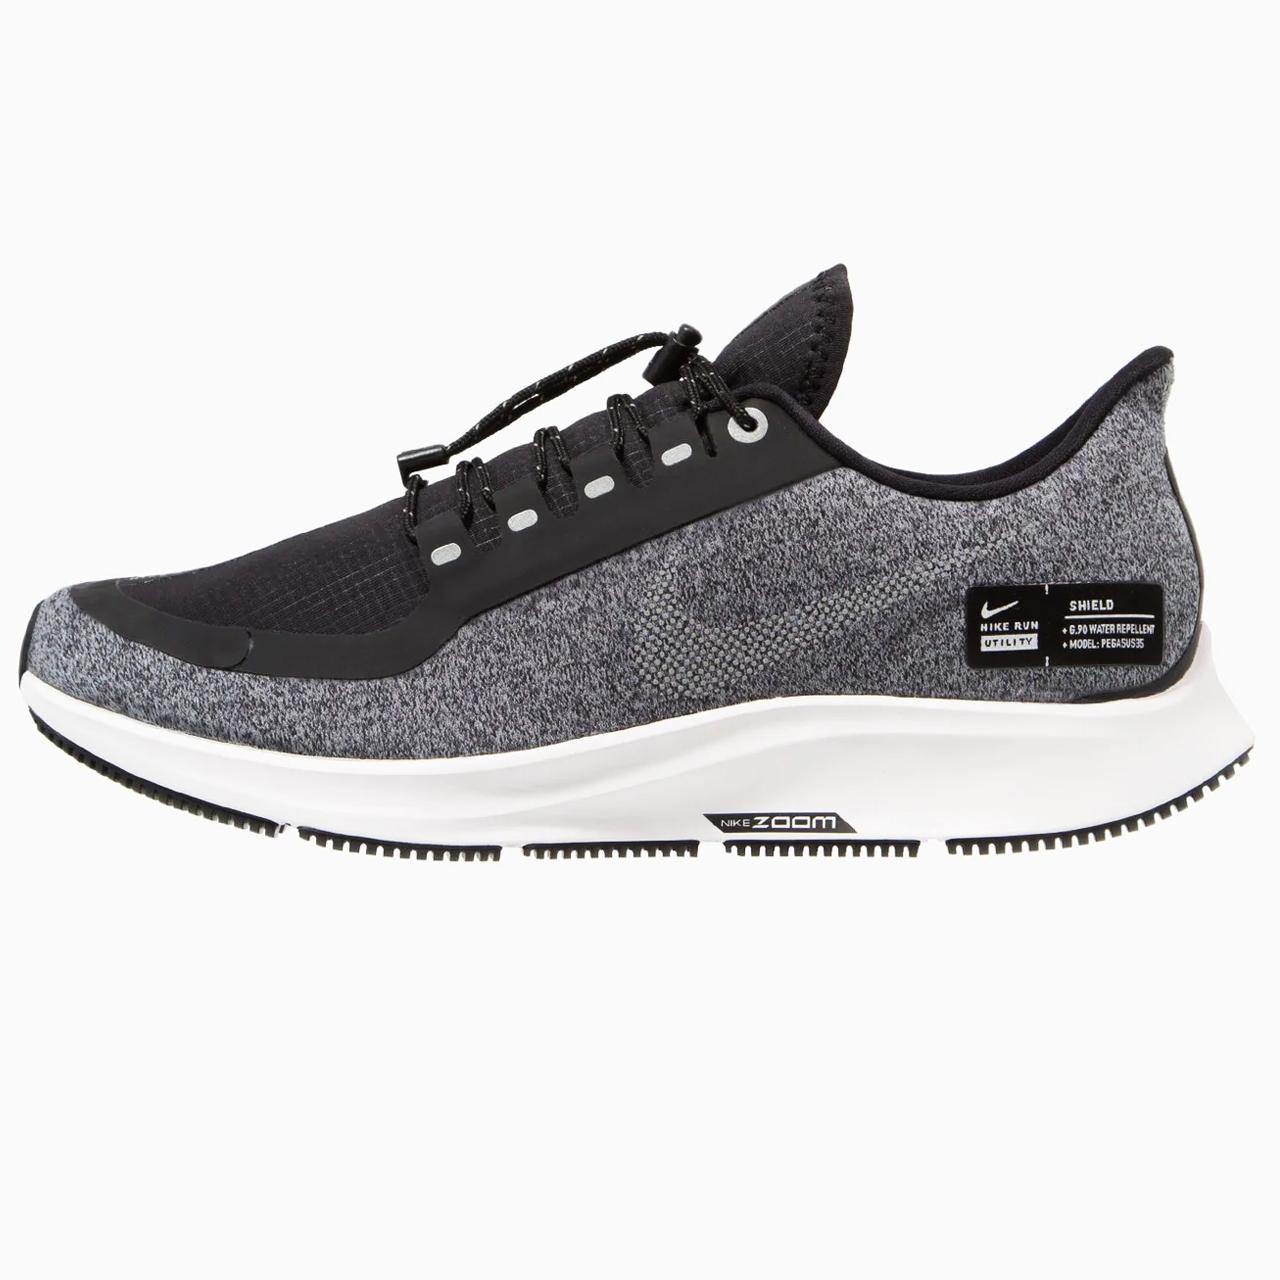 کفش مخصوص مردانه نایکی مدل Air zoom pegasus 35 shield کد 898409